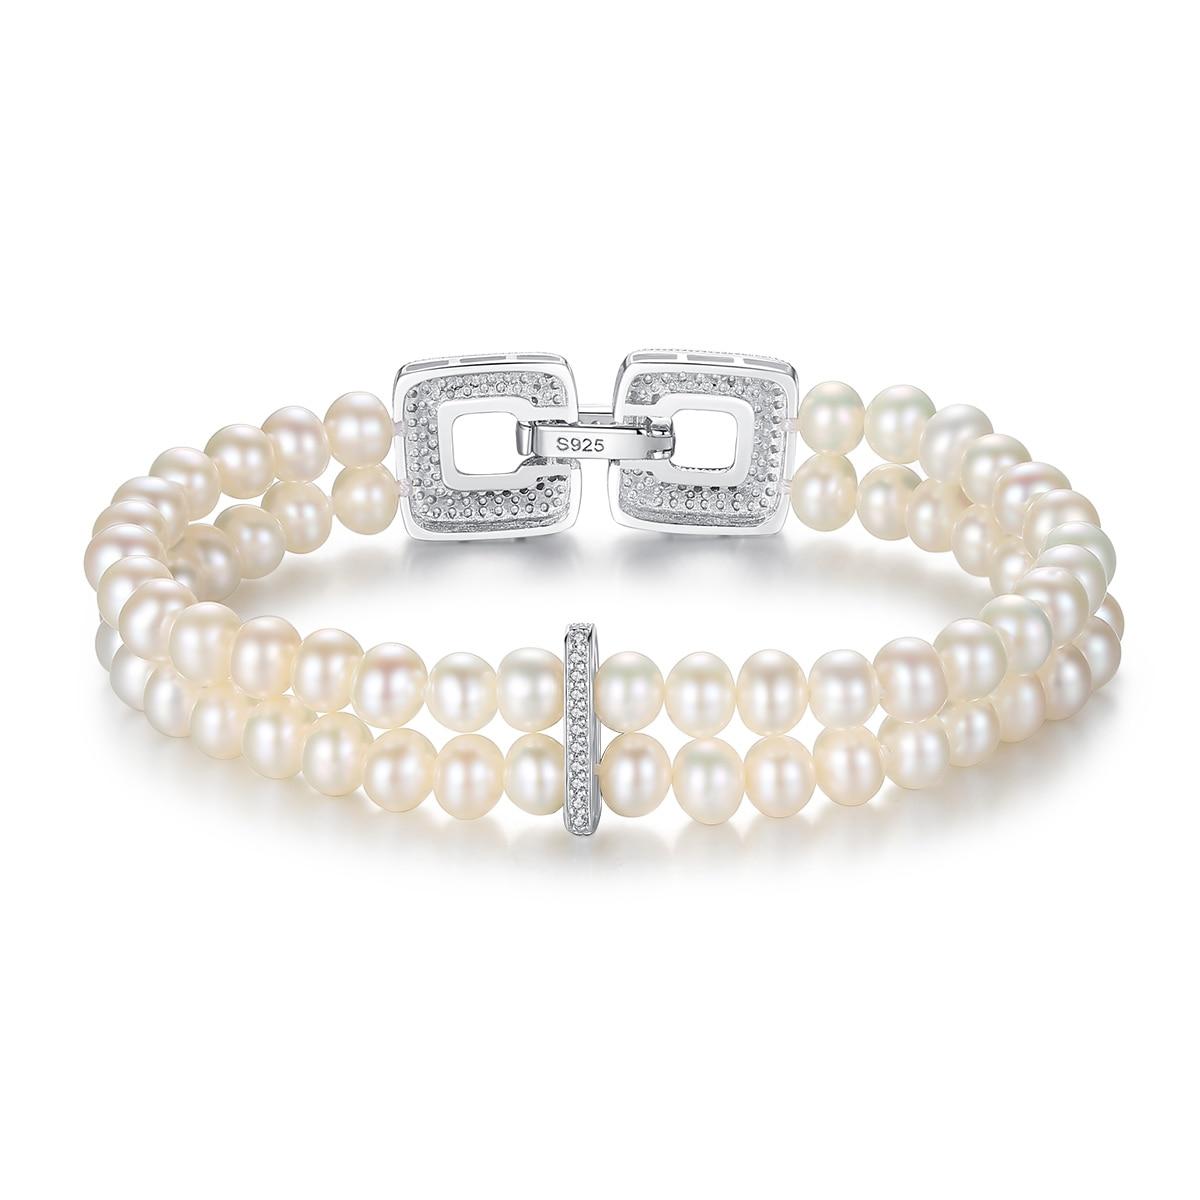 Fenchen Double rangée de perles Bracelet perle naturelle de luxe en argent Sterling 925 bouton femmes amour Bracelets Bracelets cadeau AB015